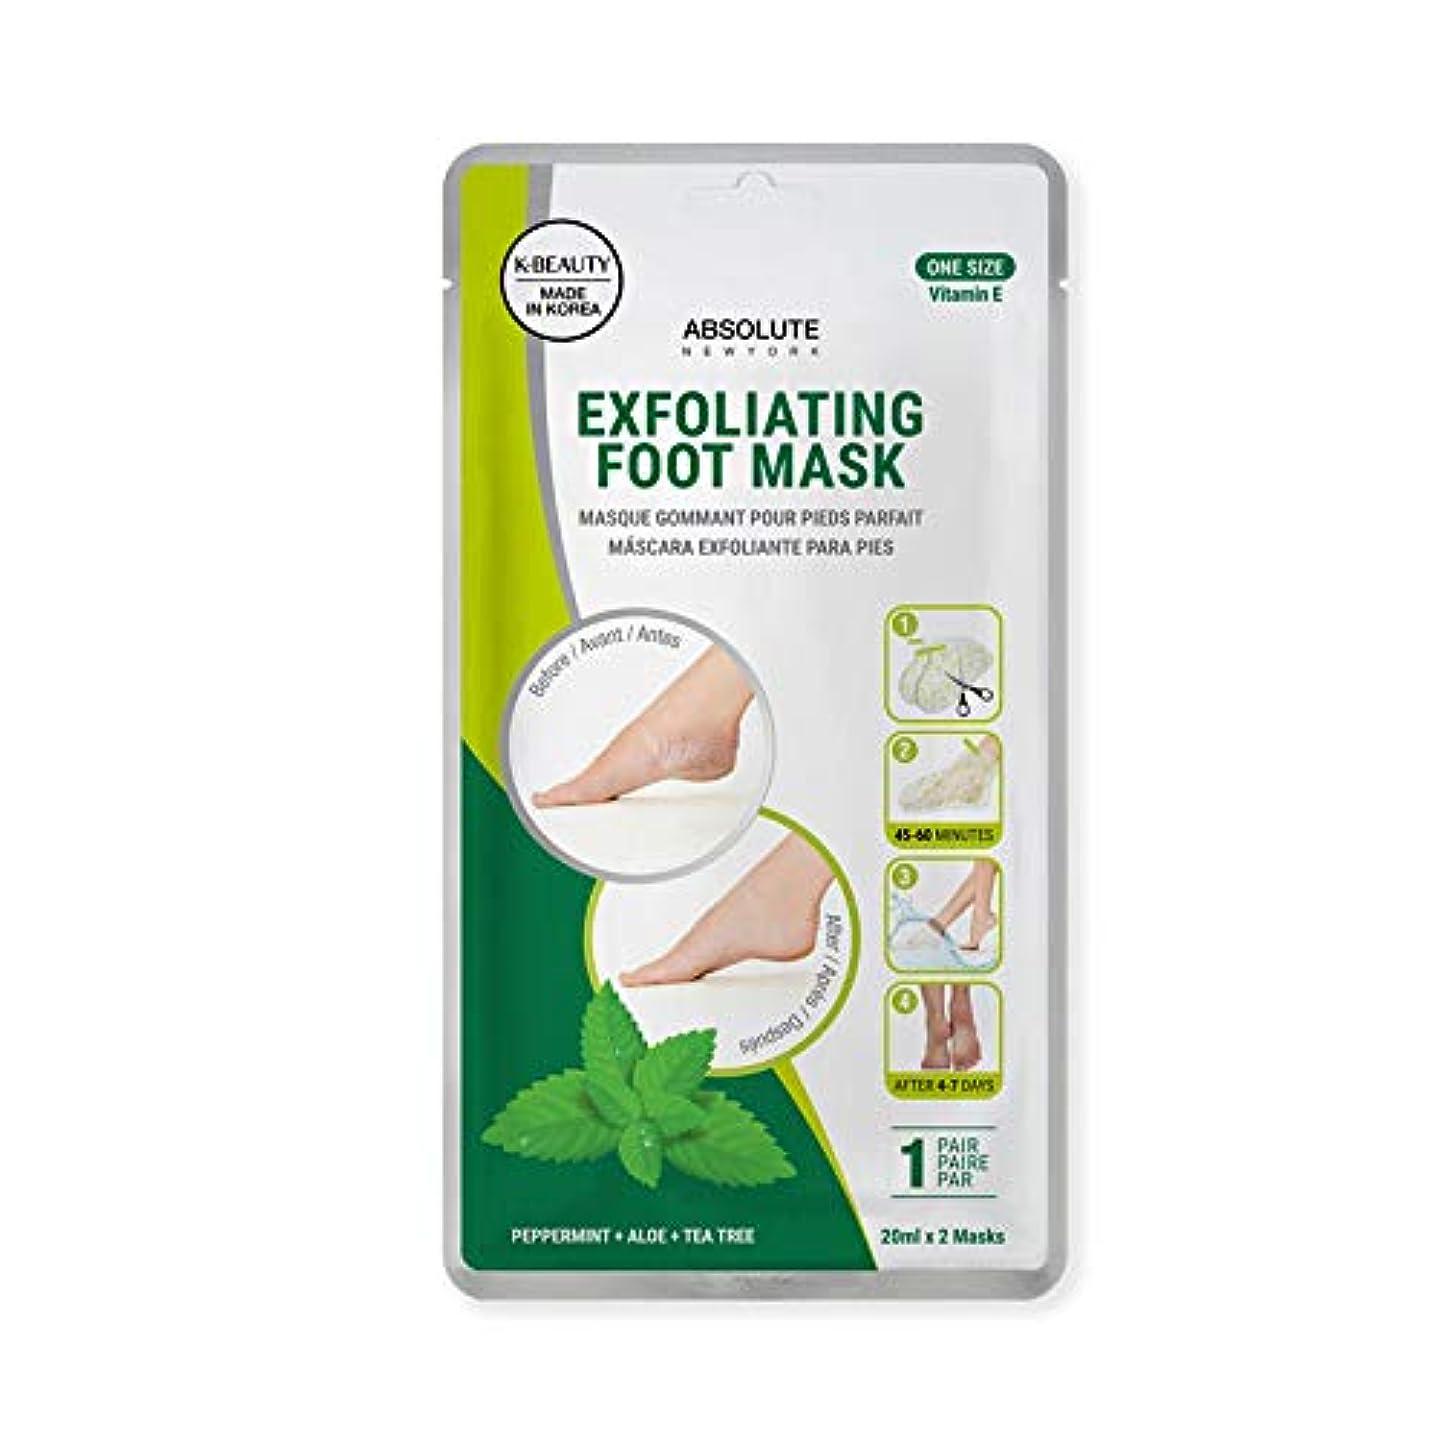 不正直お母さんランチ(3 Pack) ABSOLUTE Exfoliating Foot Mask - Peppermint + Aloe + Tea Tree (並行輸入品)